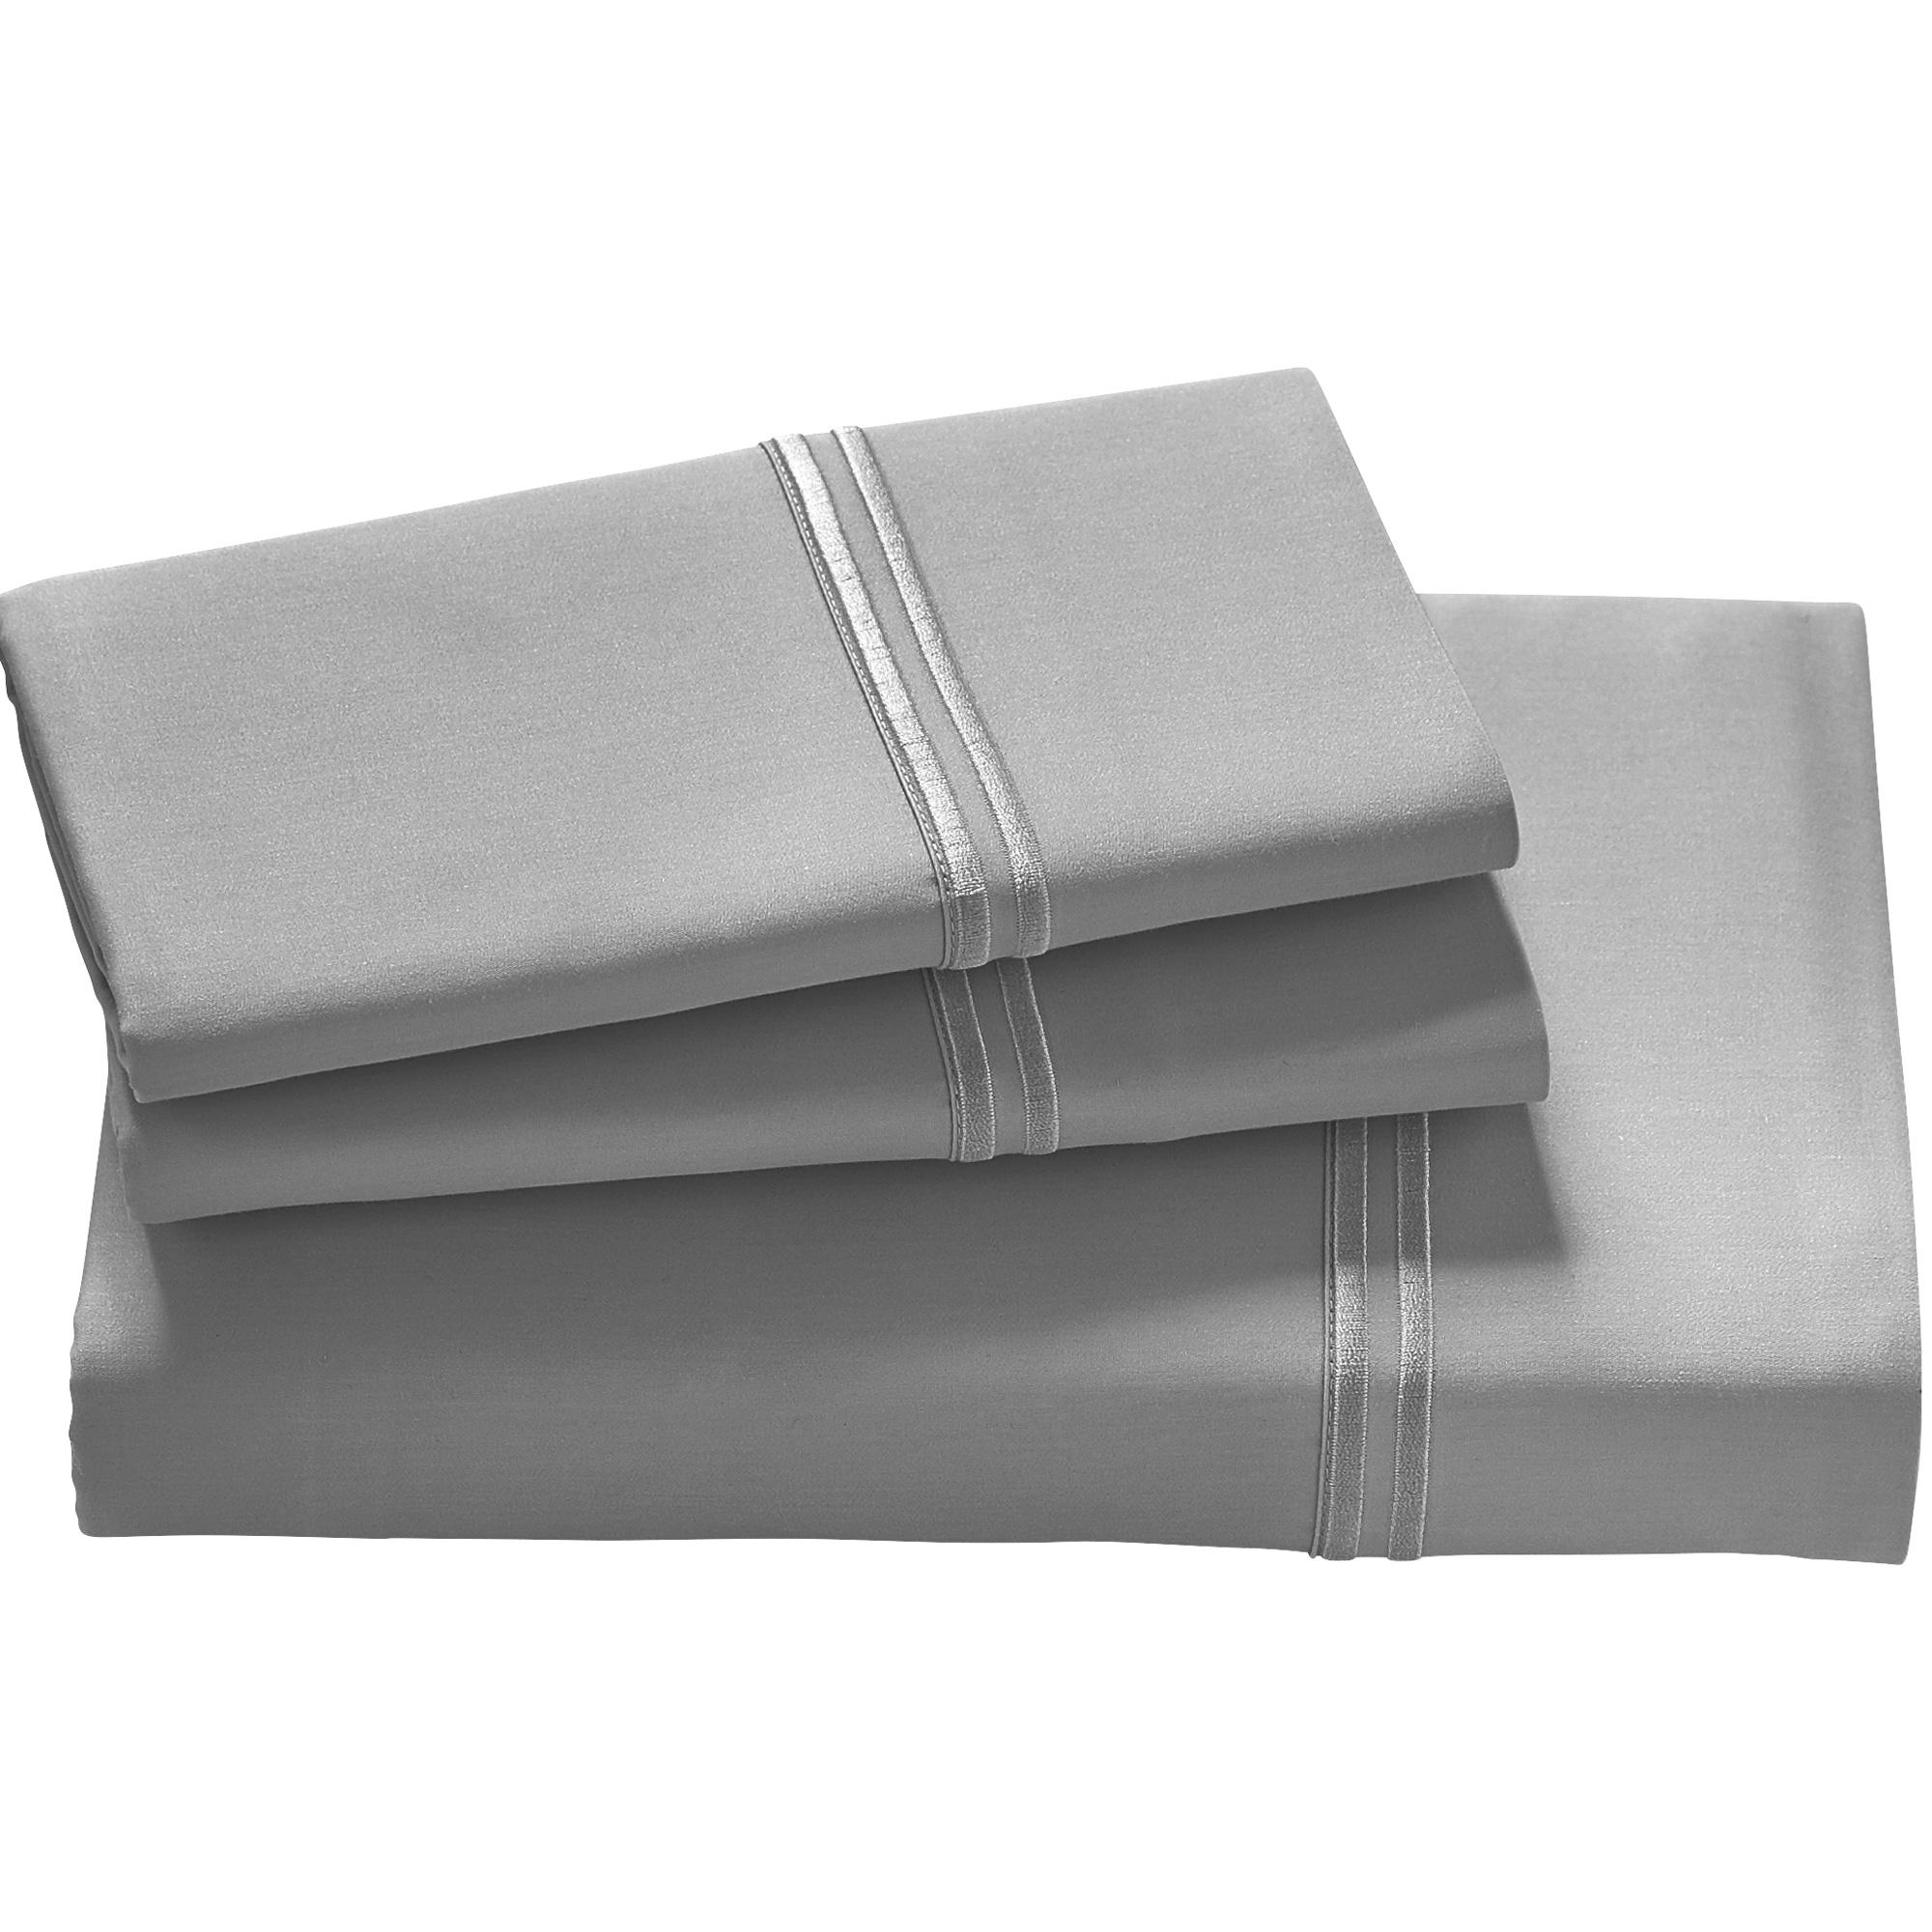 Purecare | Elements Dove Gray Split King Tencel Sheet Set